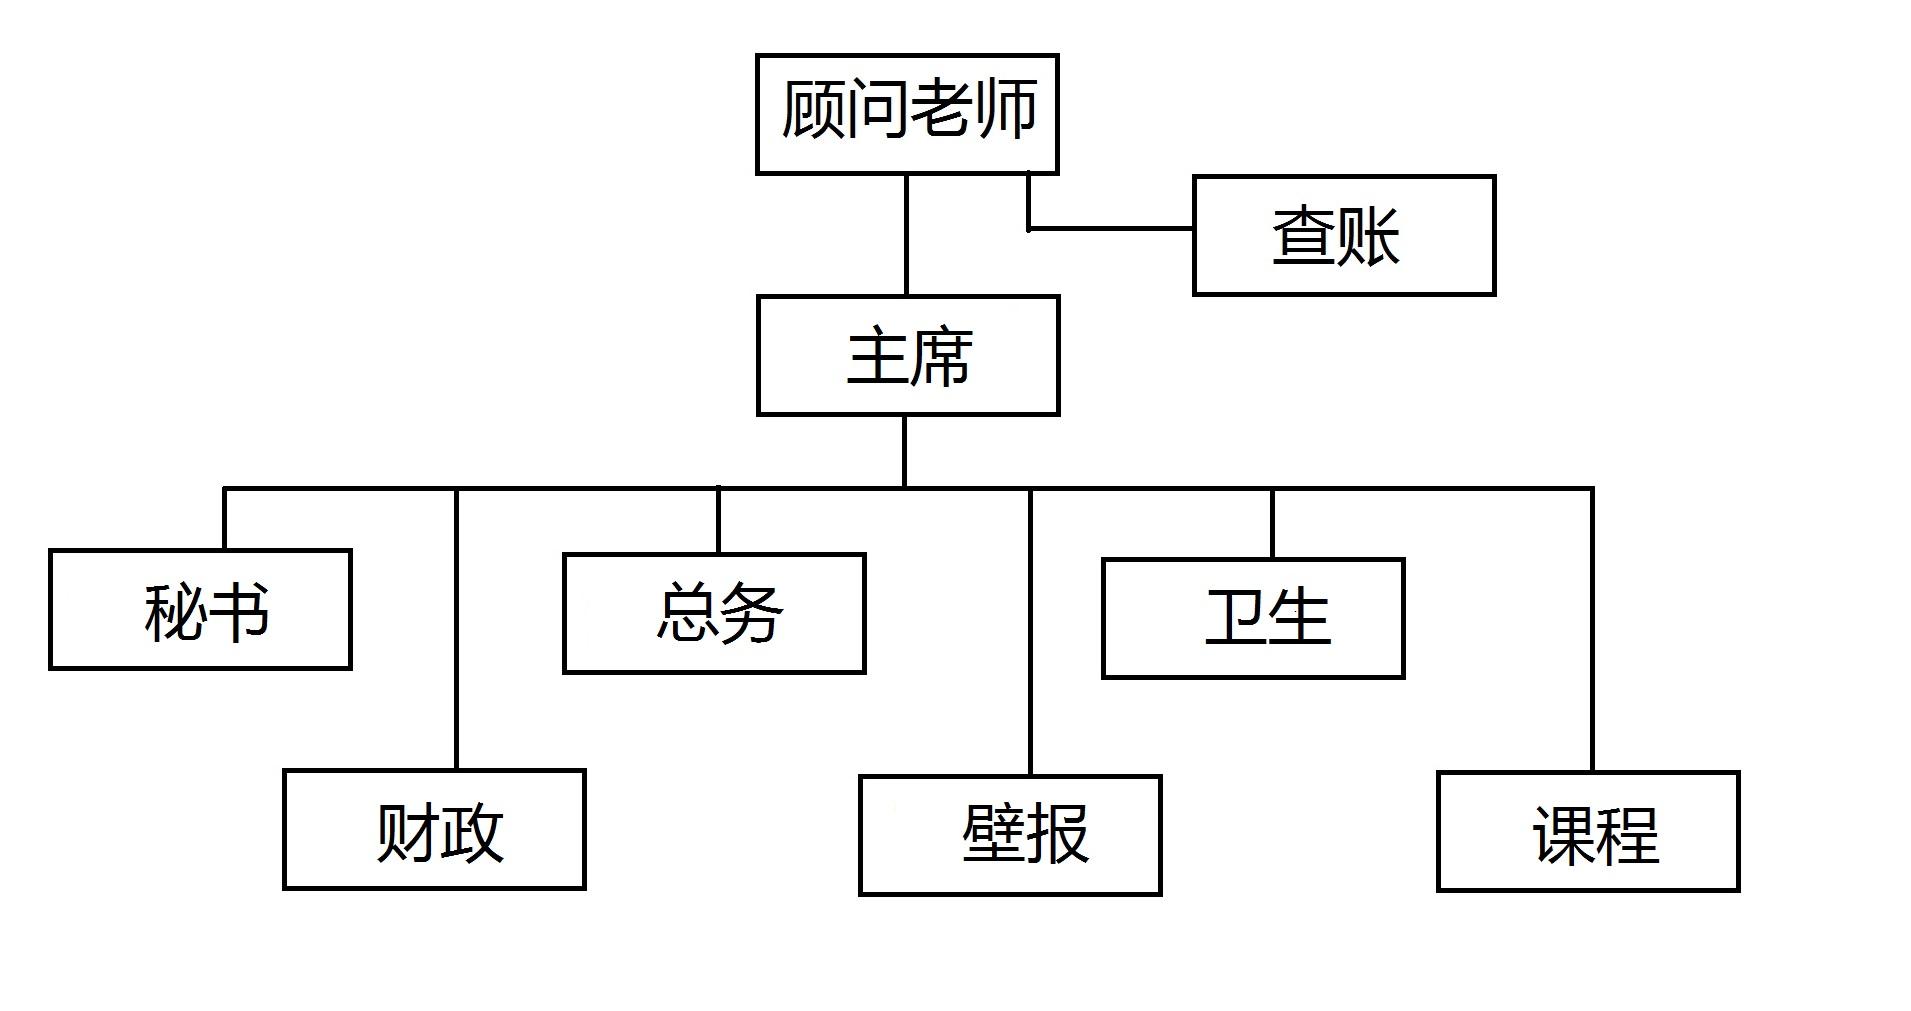 2014组织架构图